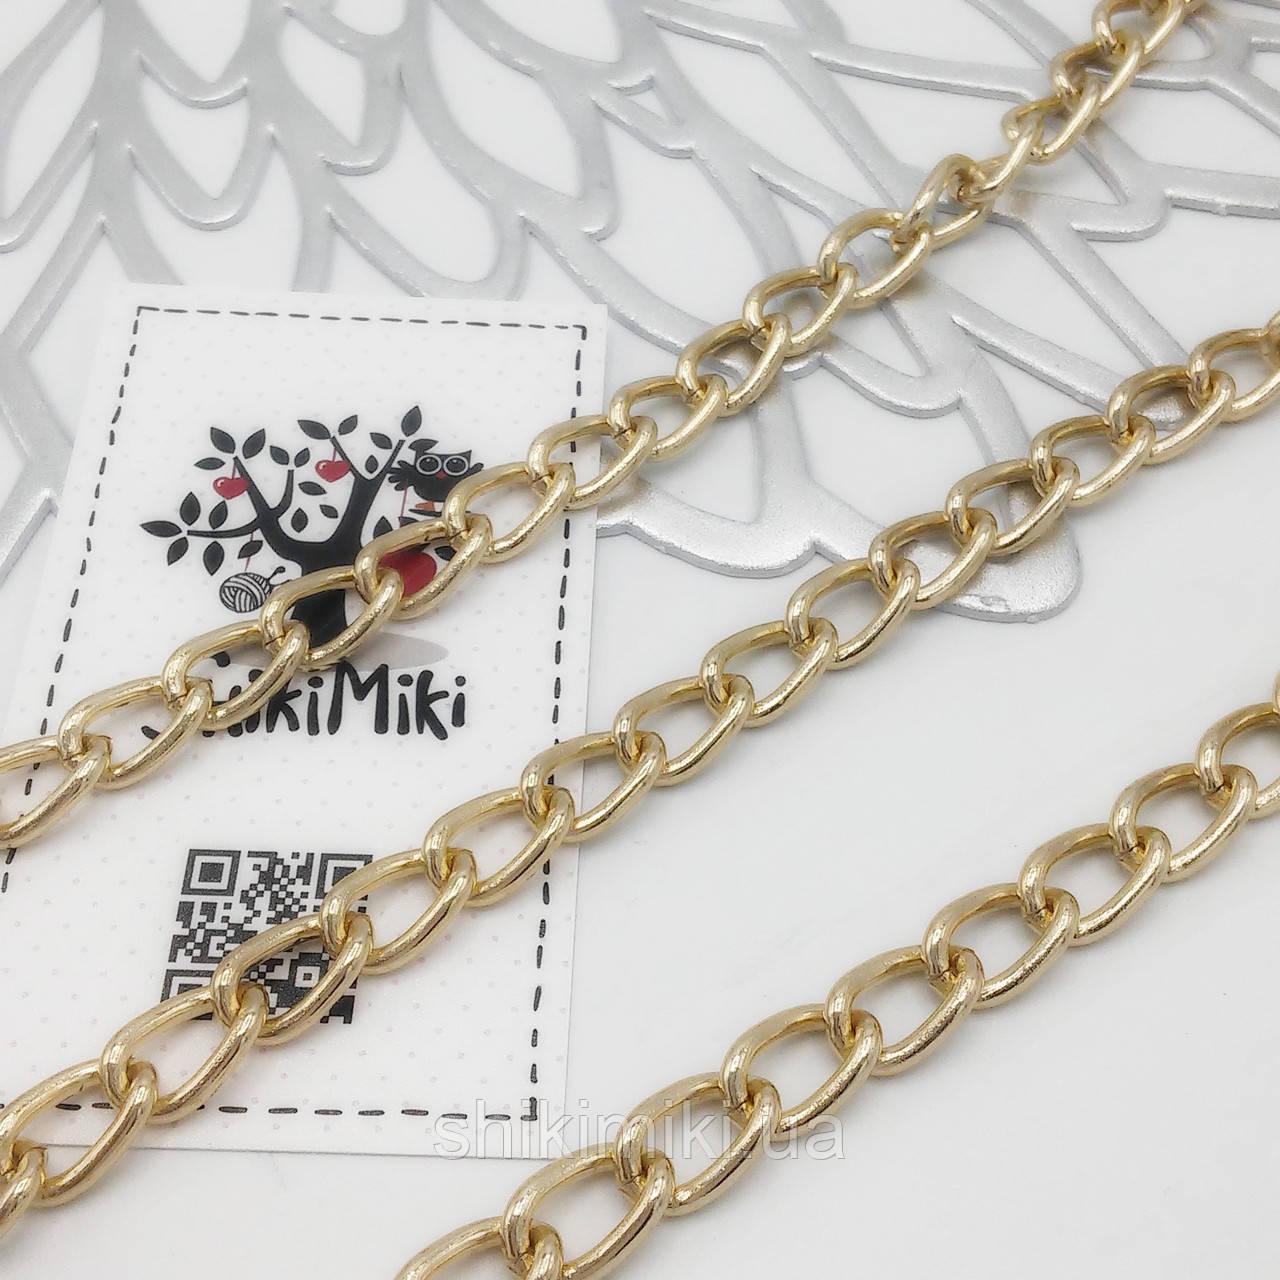 Цепочка для сумки средняя Z30-3, цвет золото